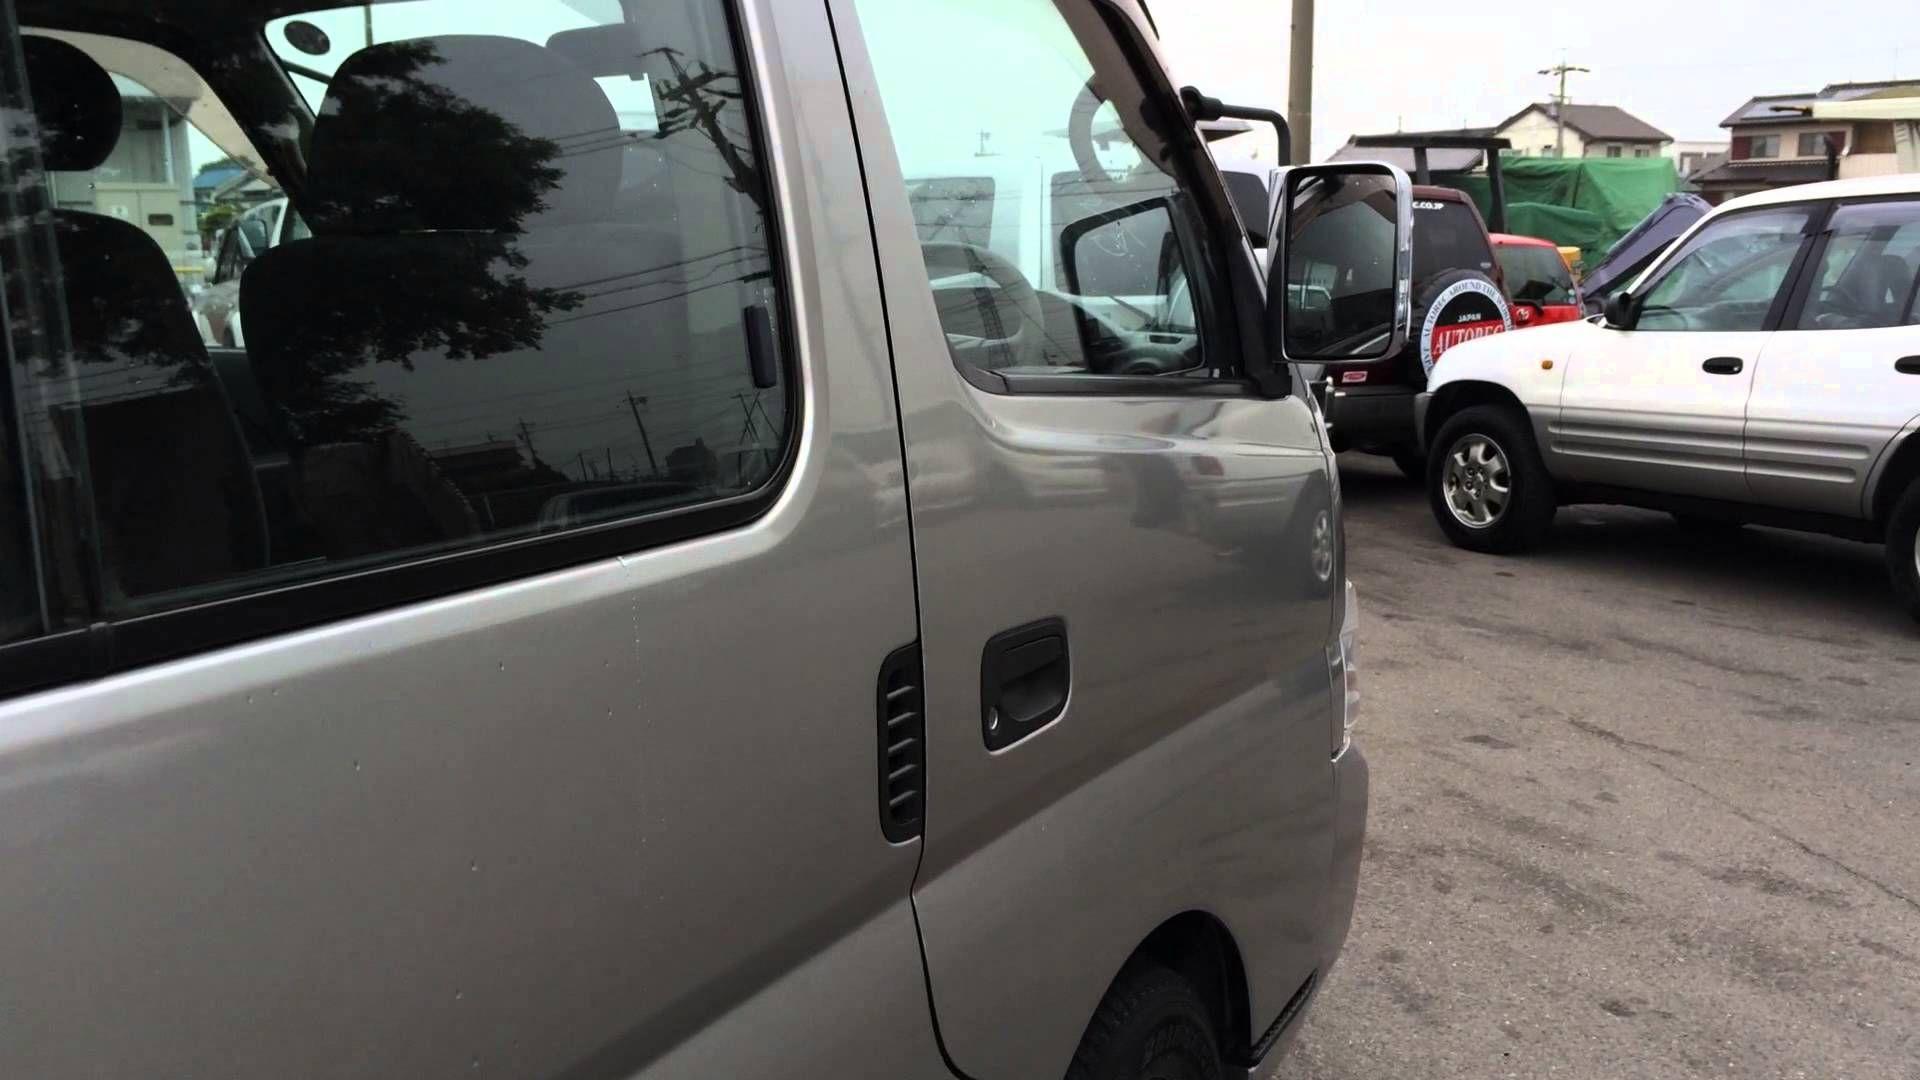 Nissan Caravan Coarch sold to Tanzania